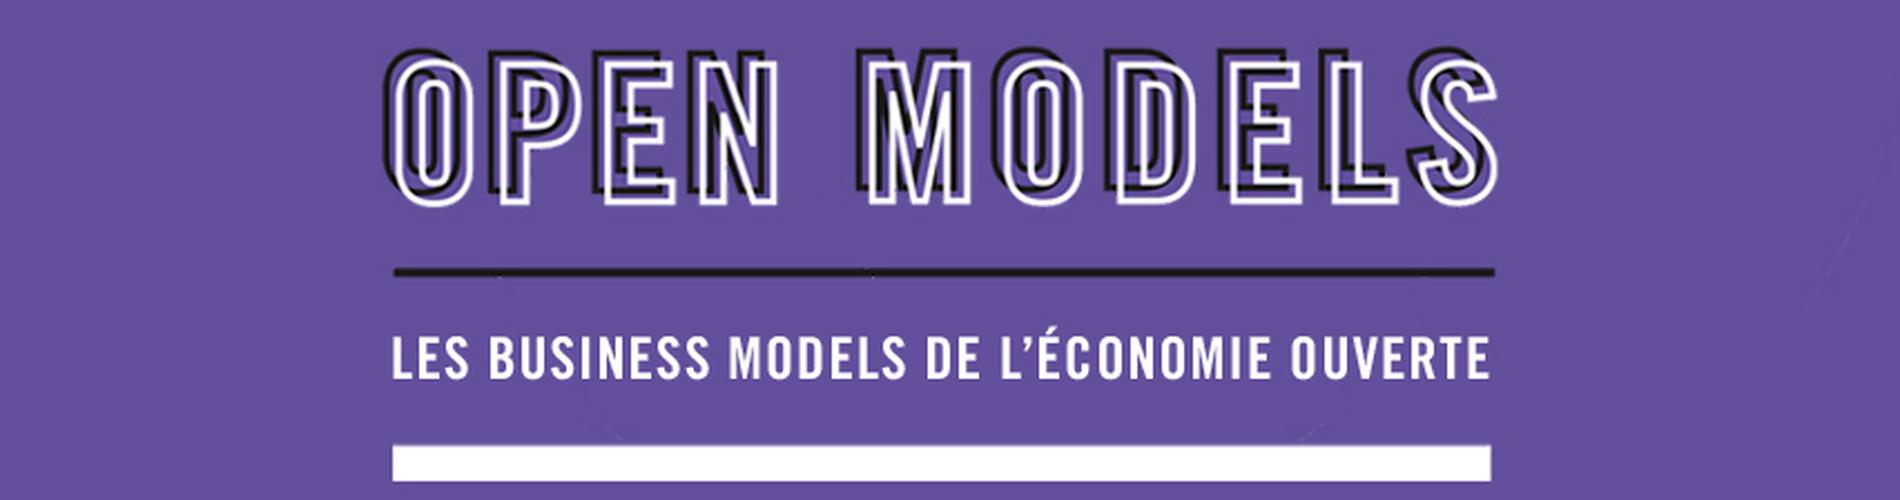 """Sortie du livre """"Open Models"""" : comprendre les modèles économiques de l'Open. feature image"""